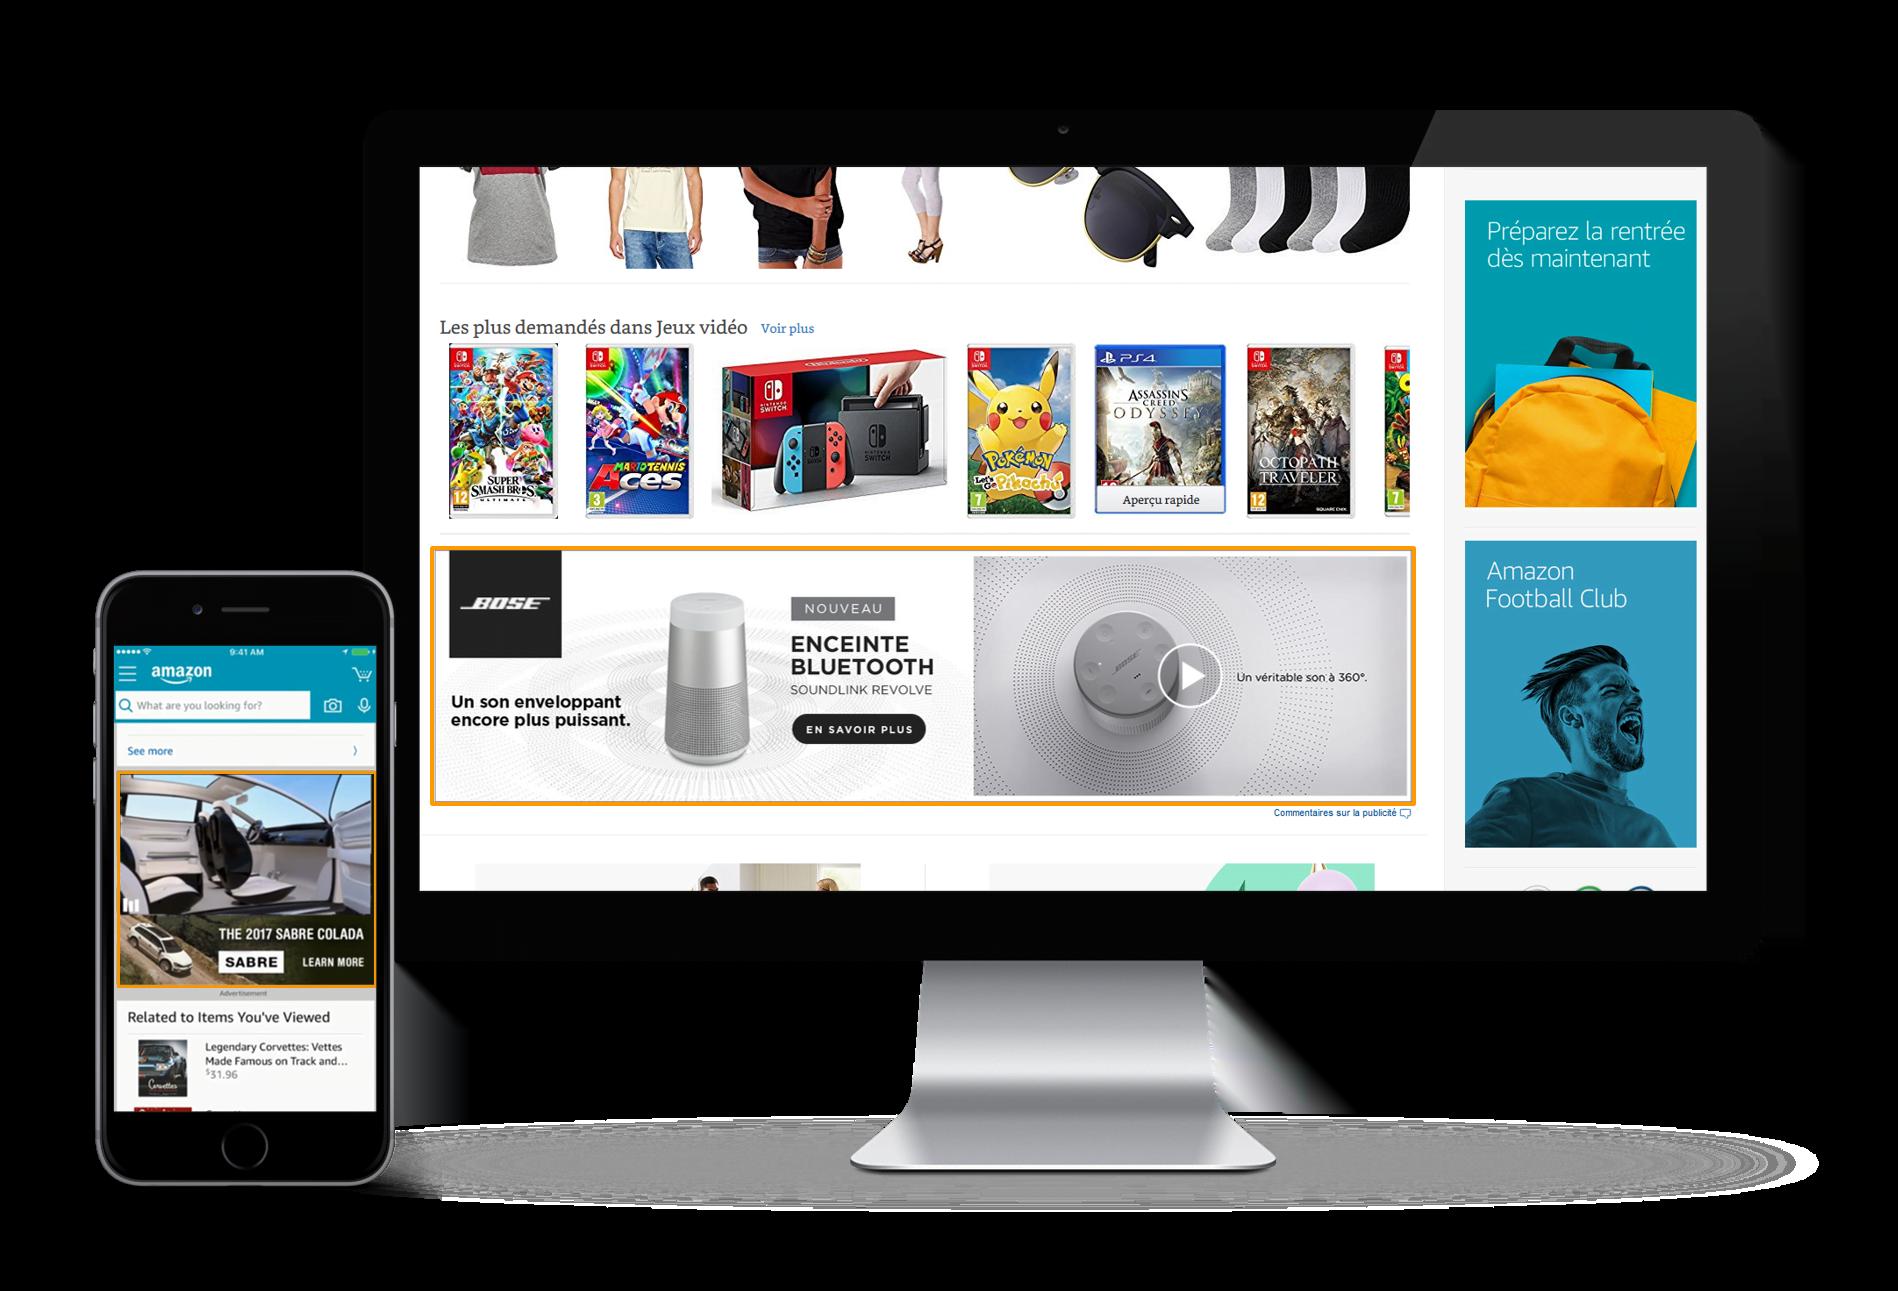 Publicités vidéo sur Amazon Advertising